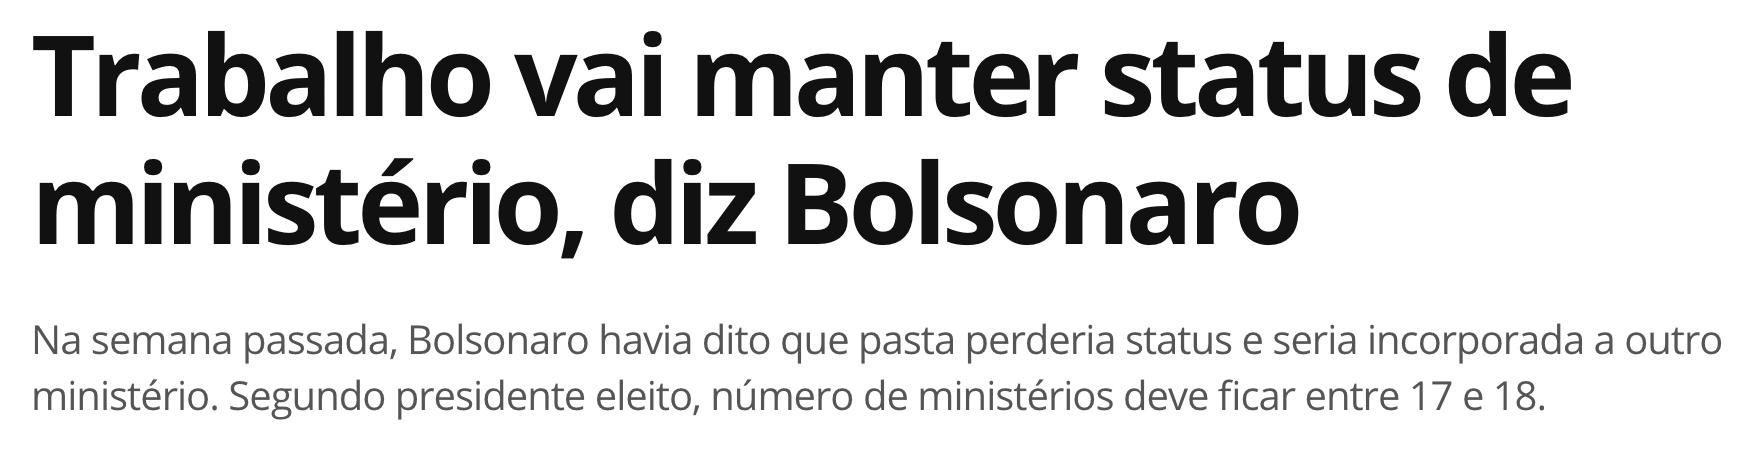 G1/Reprodução, https://g1.globo.com/politica/noticia/2018/11/13/trabalho-vai-manter-status-de-ministerio-diz-bolsonaro.ghtml